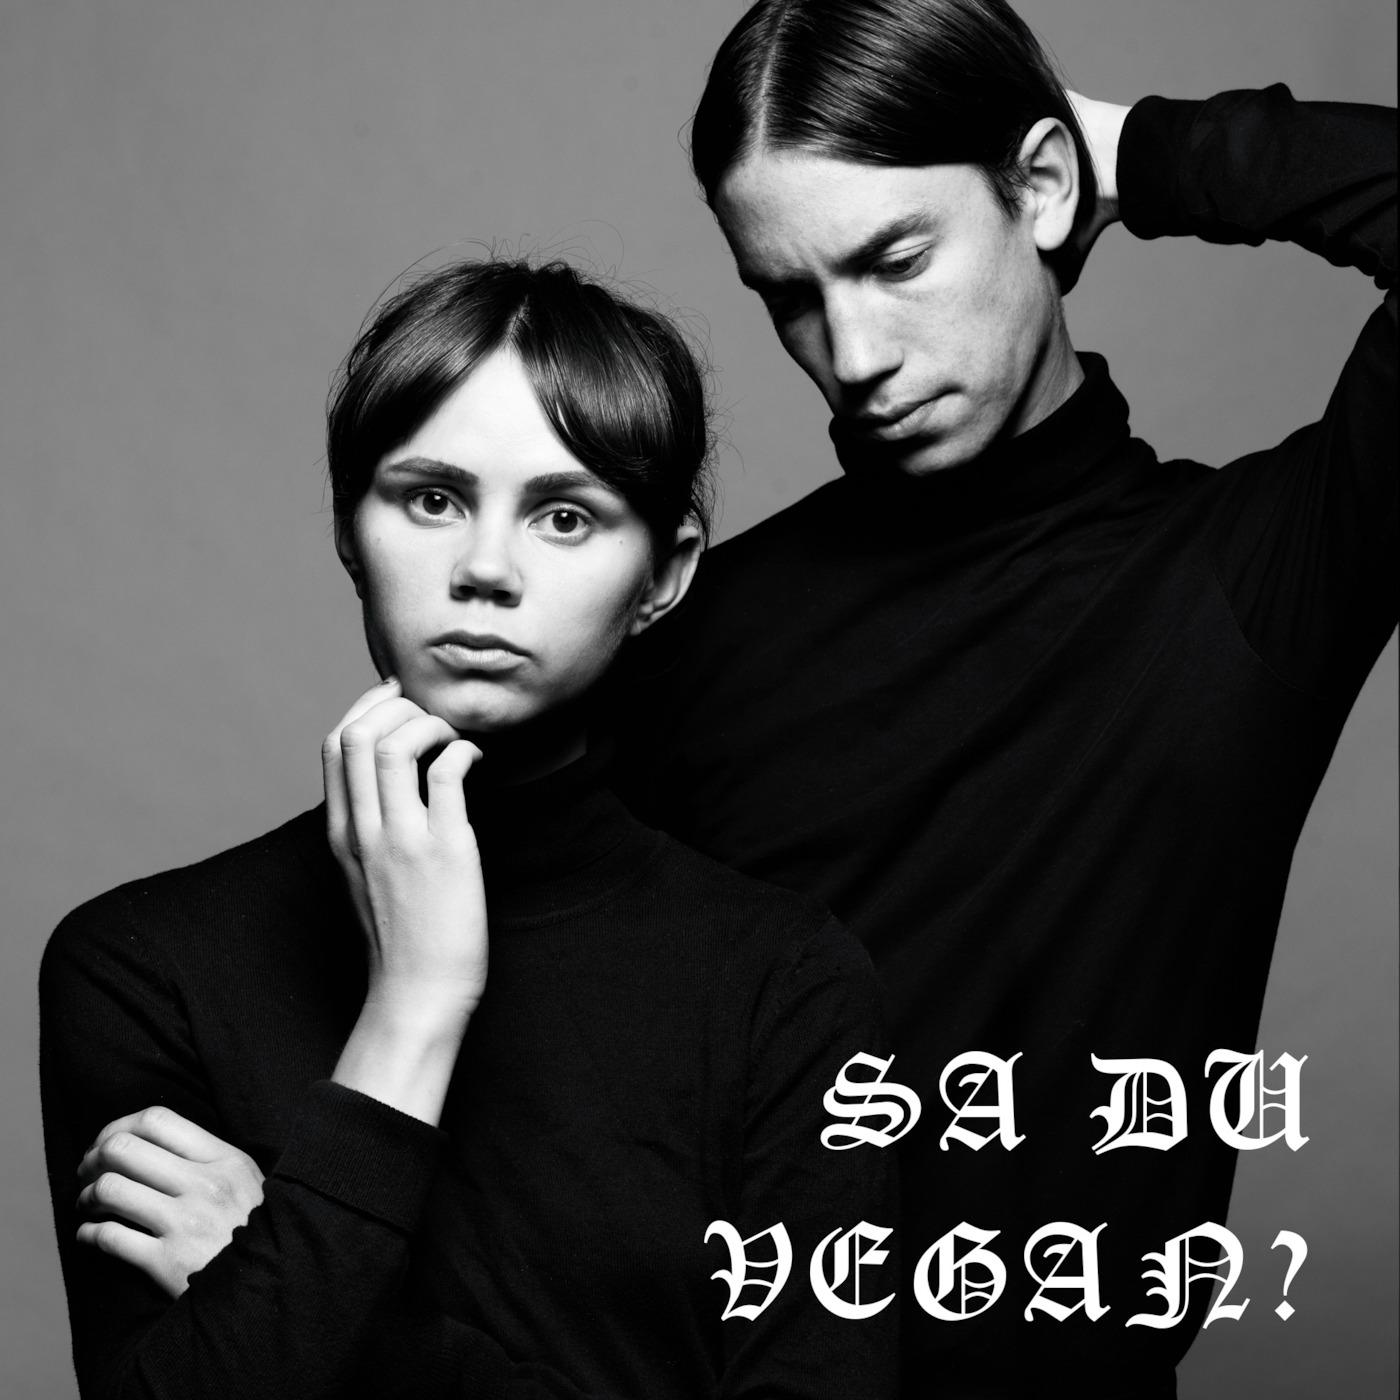 Sa du vegan?